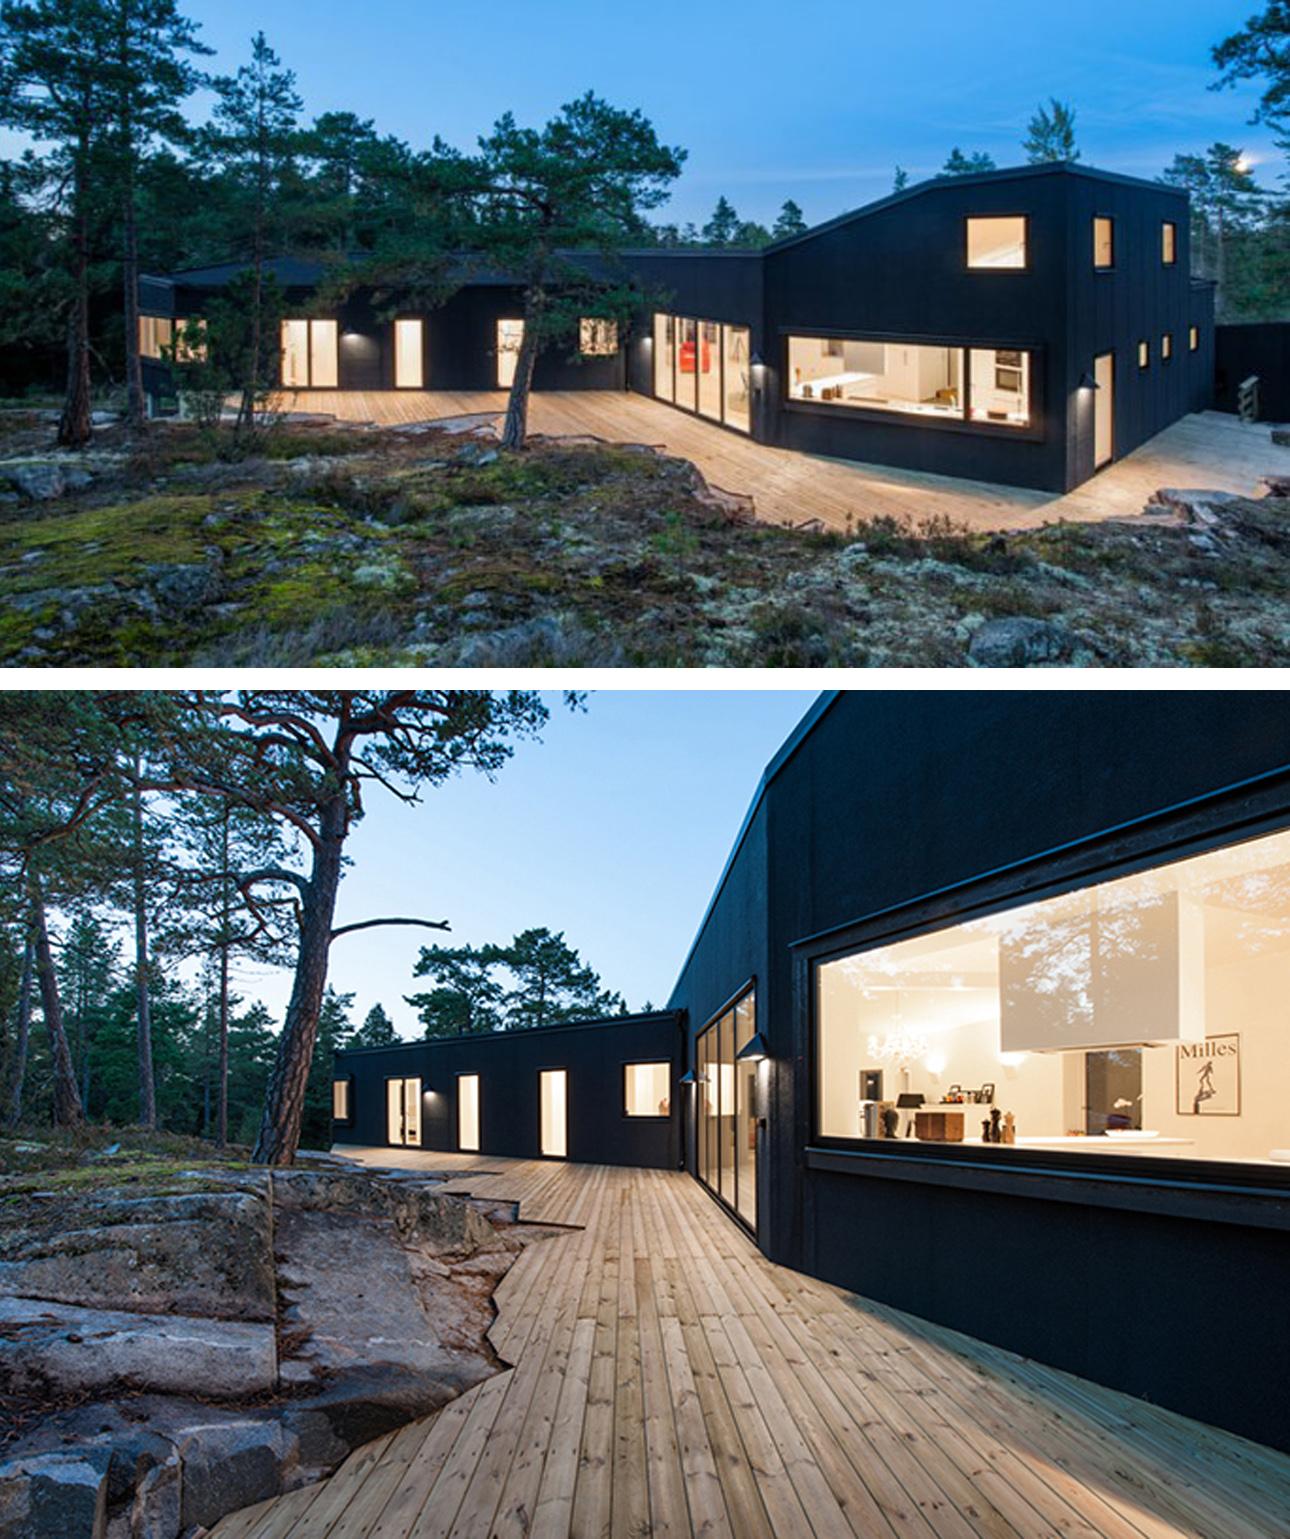 Villa Blåbär, homepersonalshopper, blanco, colores fluor, alegre, moderno